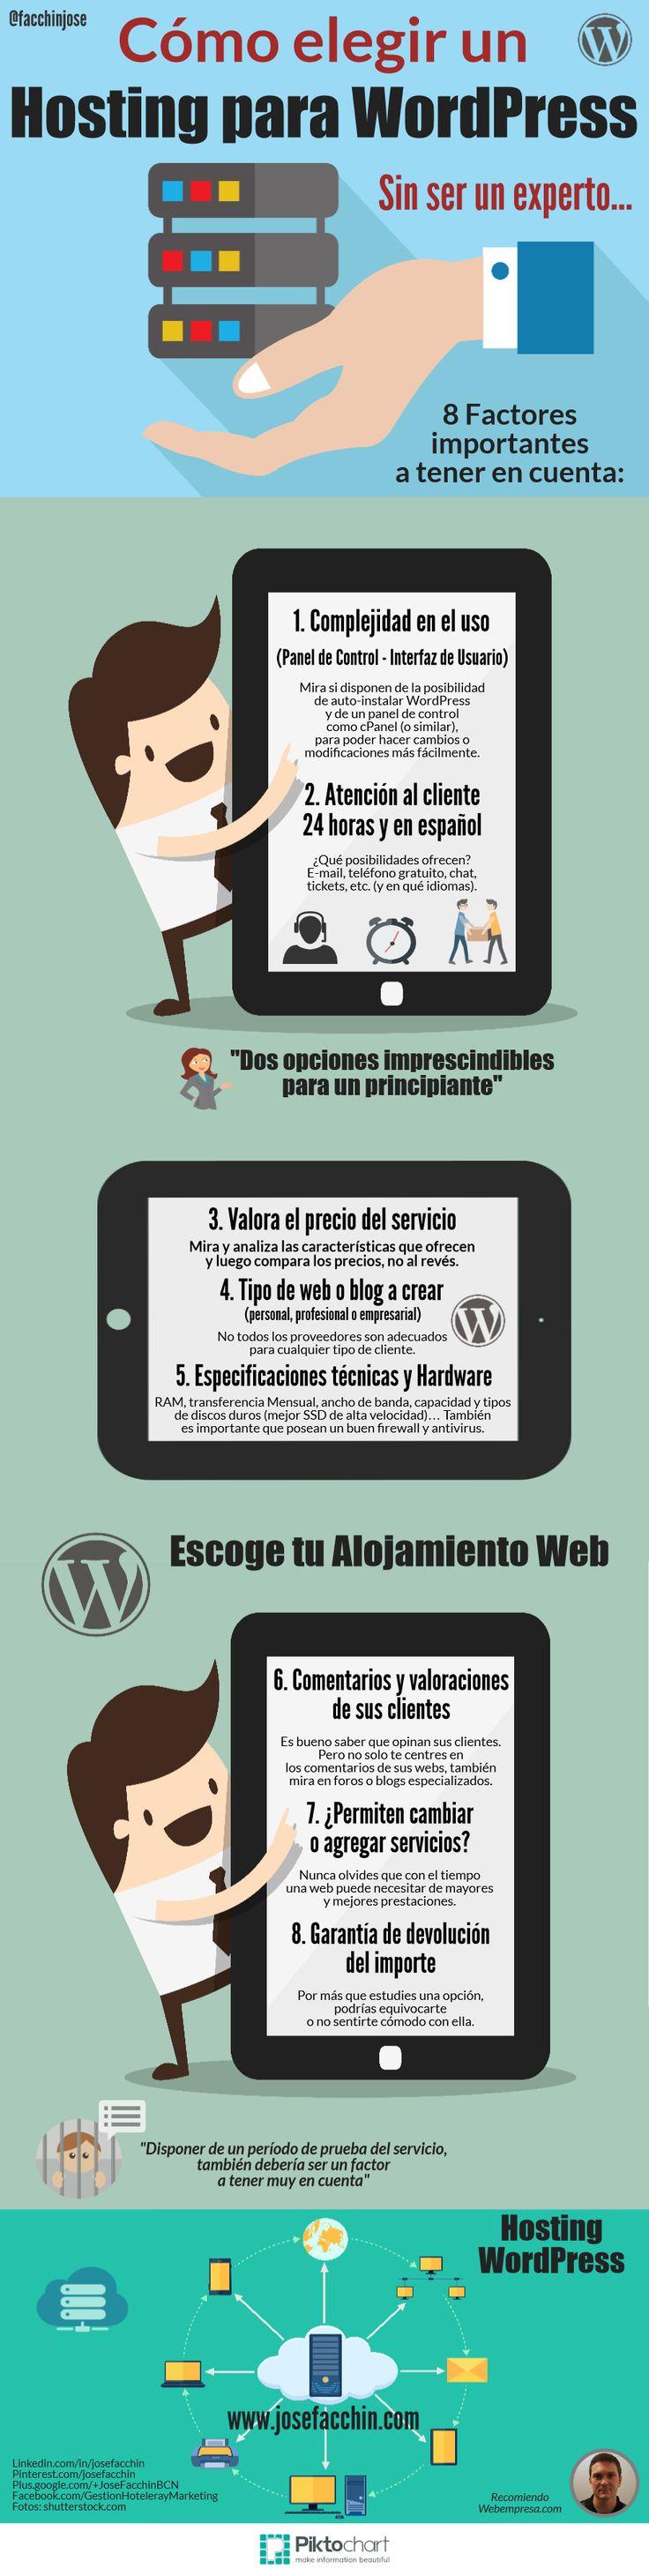 ¿Cómo elegir un Hosting para WordPress sin ser un experto? #Infografía  Factores importantes a considerar antes de elegir un Hosting para WordPress. Porque no equivocarse de proveedor puede favorecer el éxito de un blog o web...